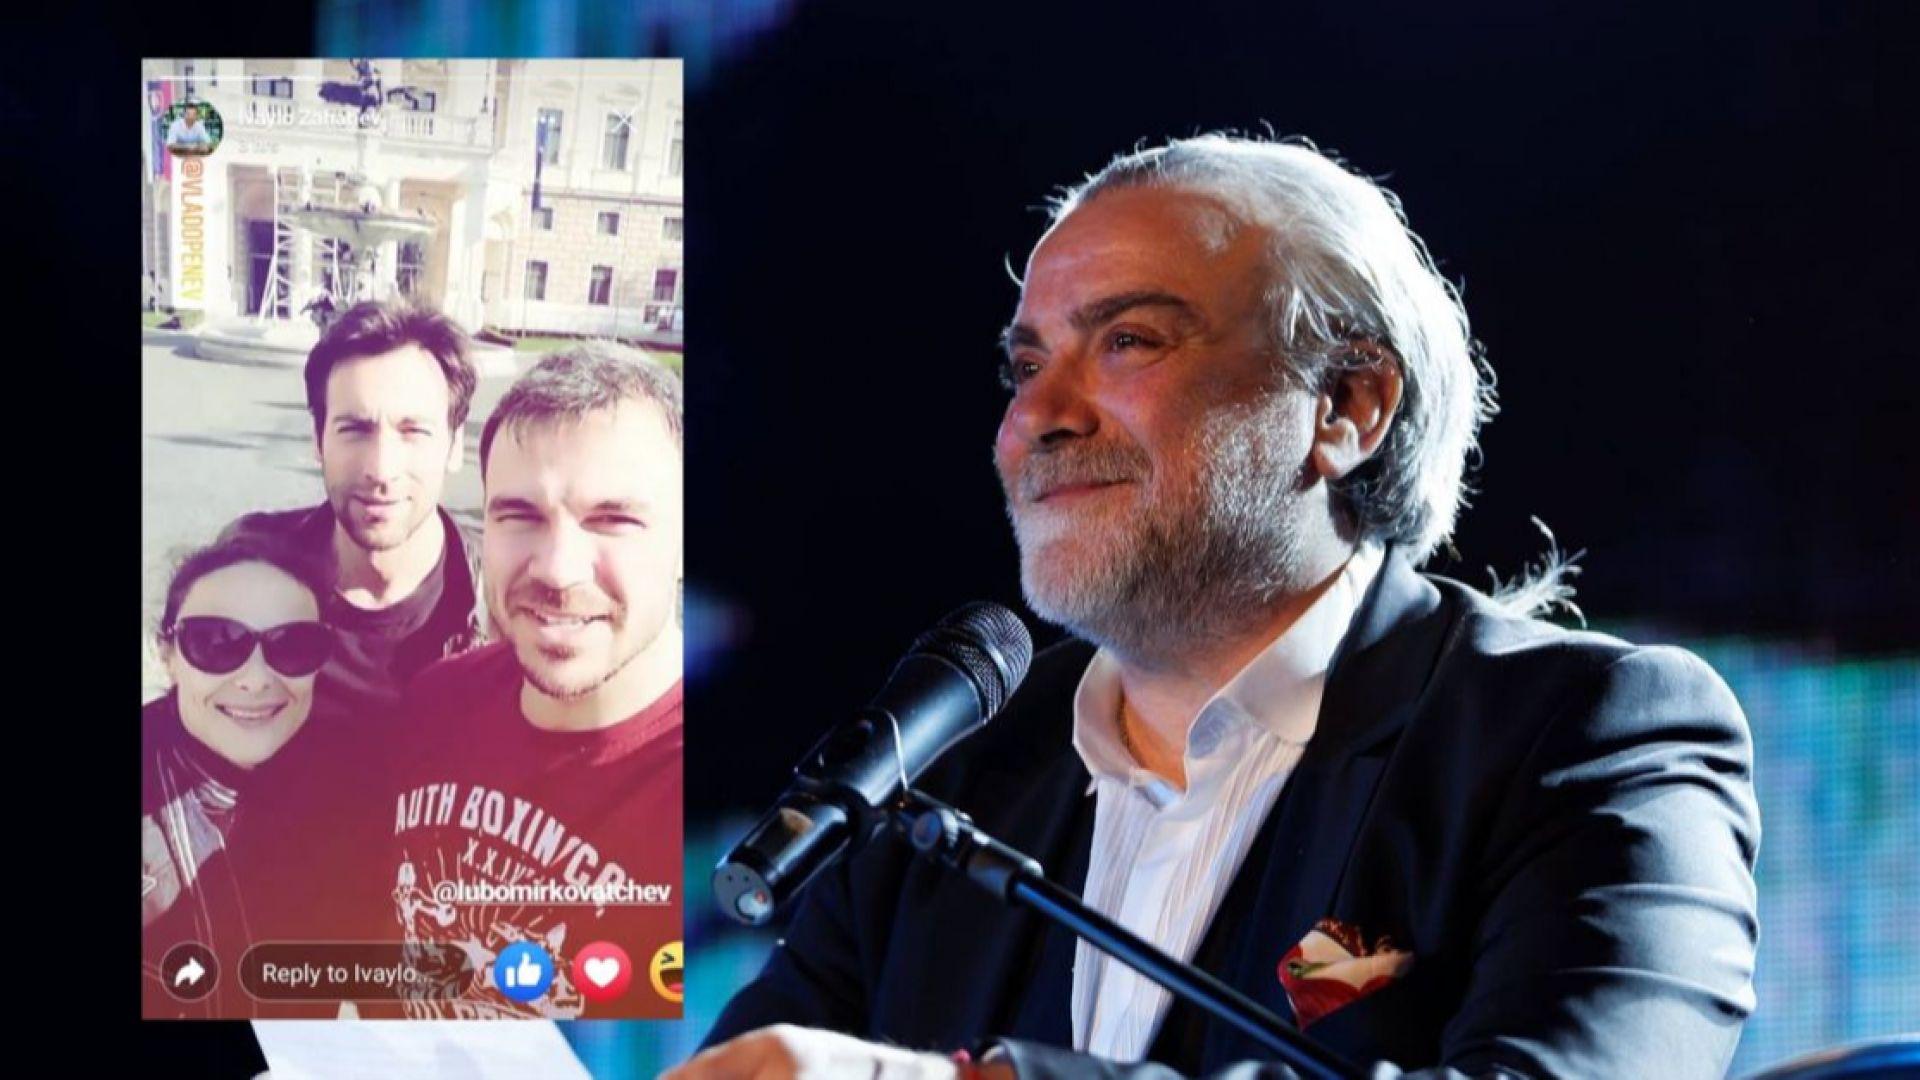 Йоана Буковска и Ивайло Захариев поздравиха Владо Пенев за РД от Братислава